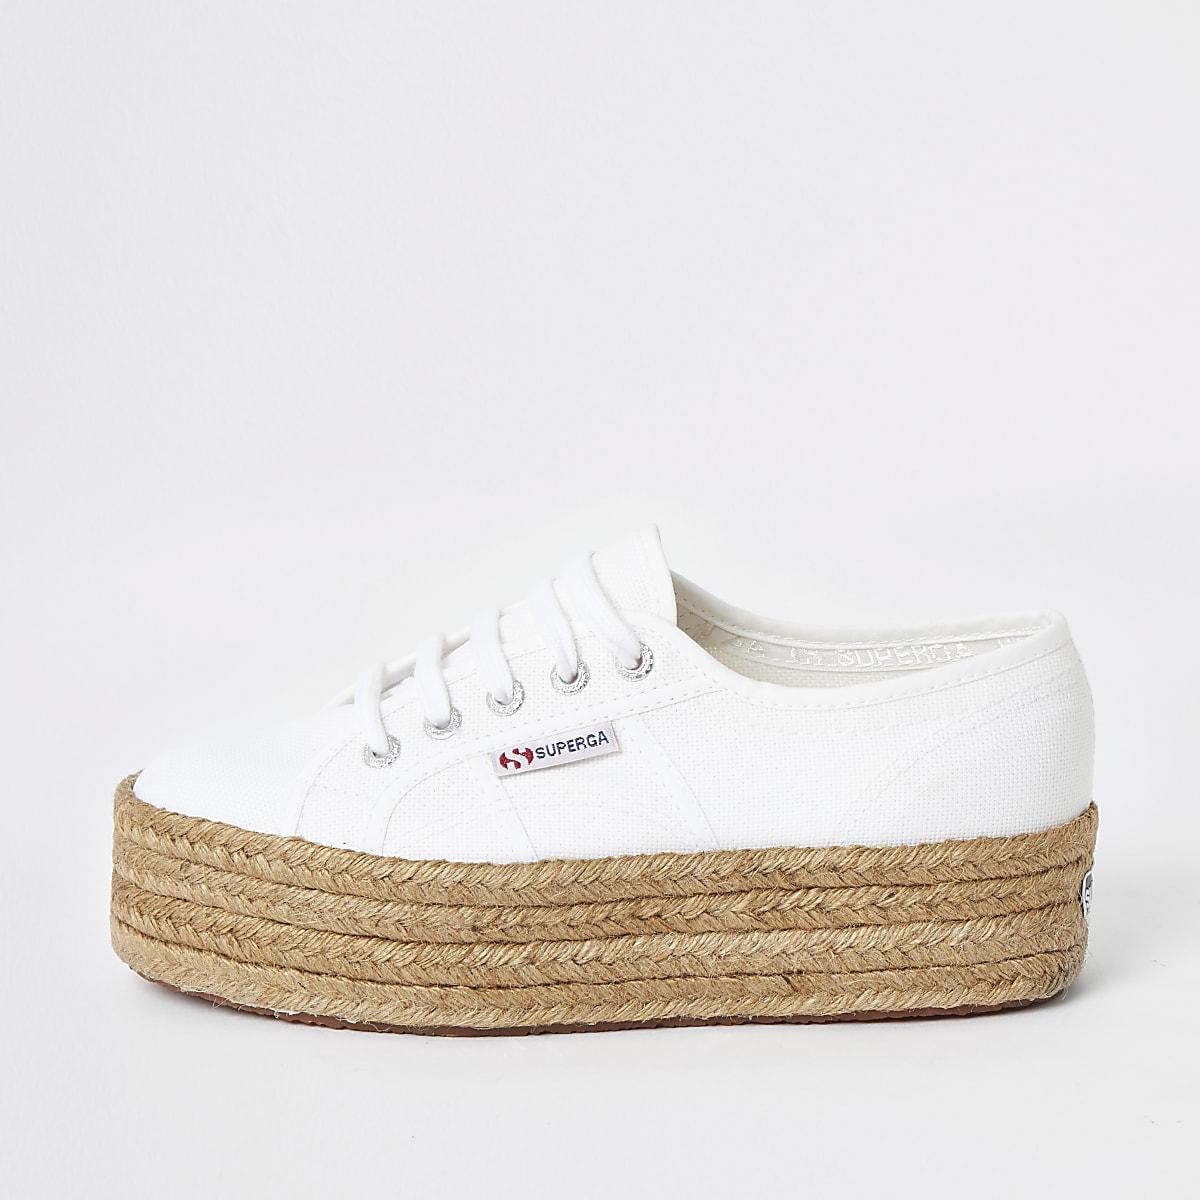 Superga white espadrille runner sneakers